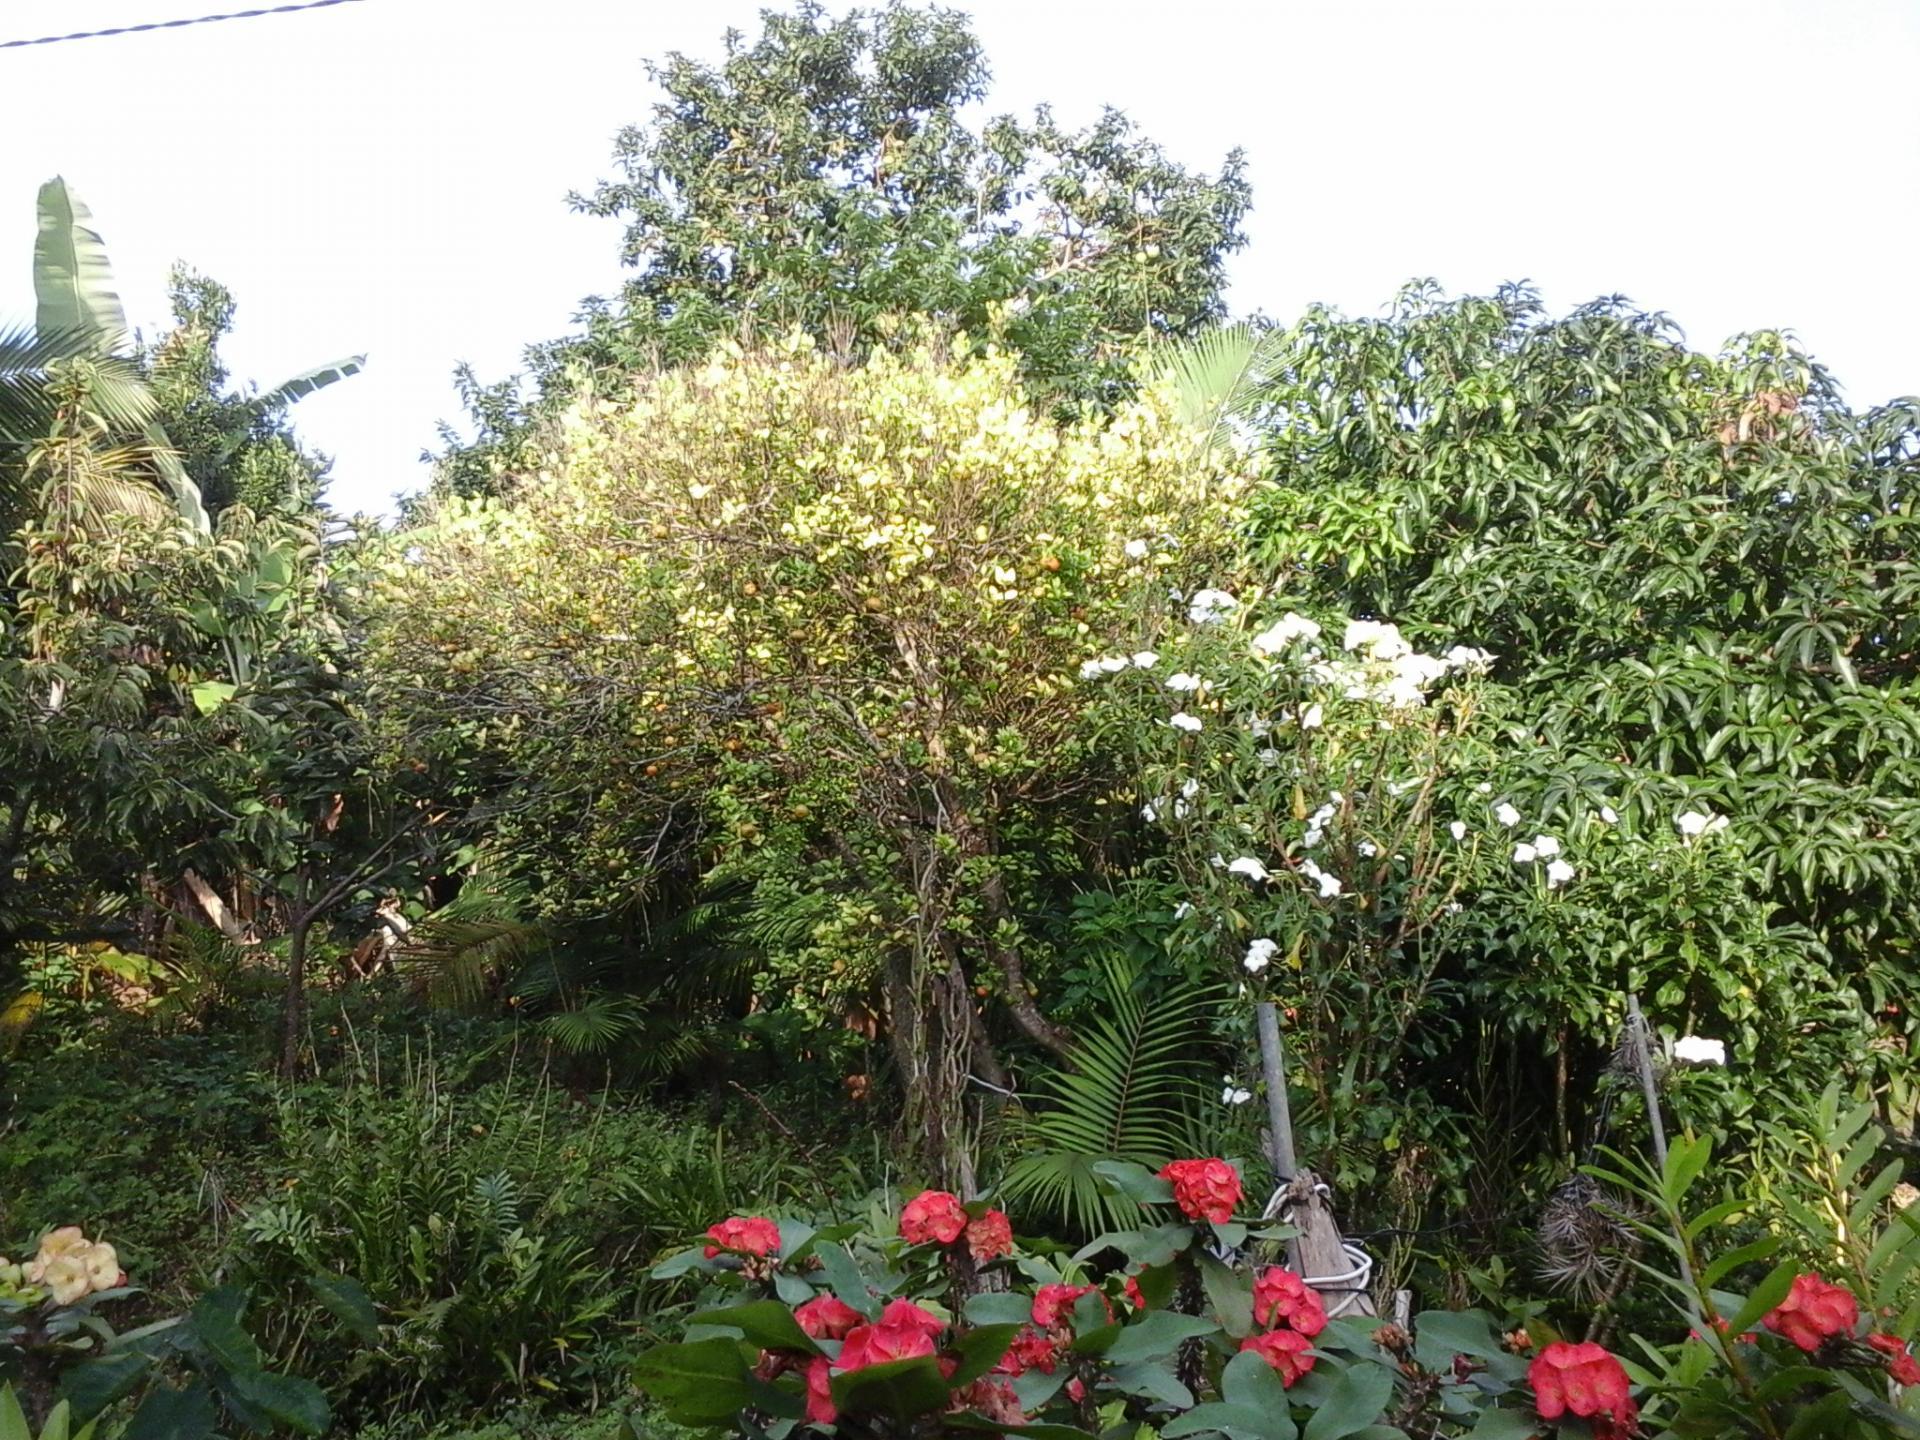 Mamy garden 5